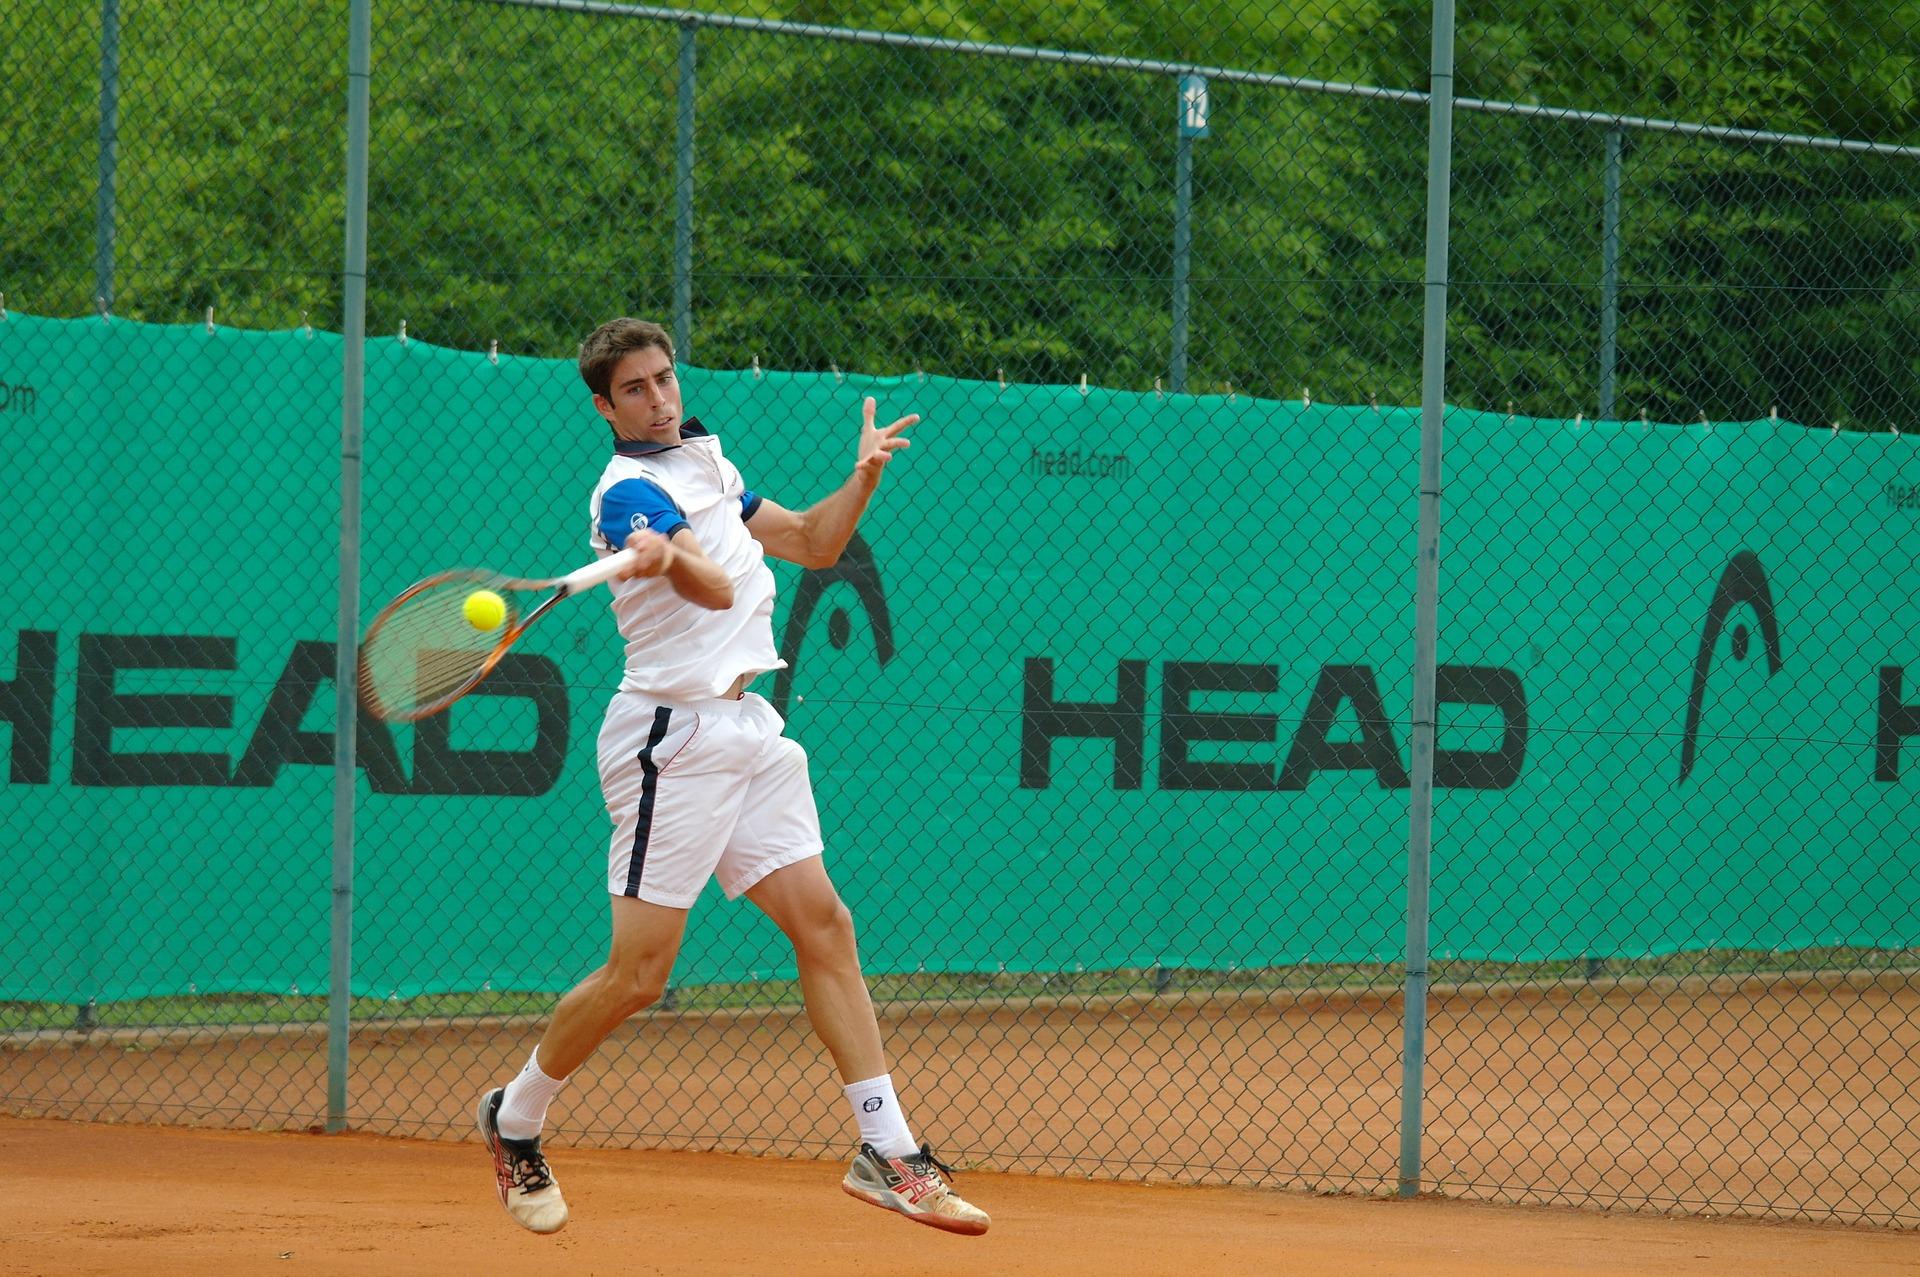 【上達のコツ】テニスの壁打ちを練習に取り入れるメリット・デメリット